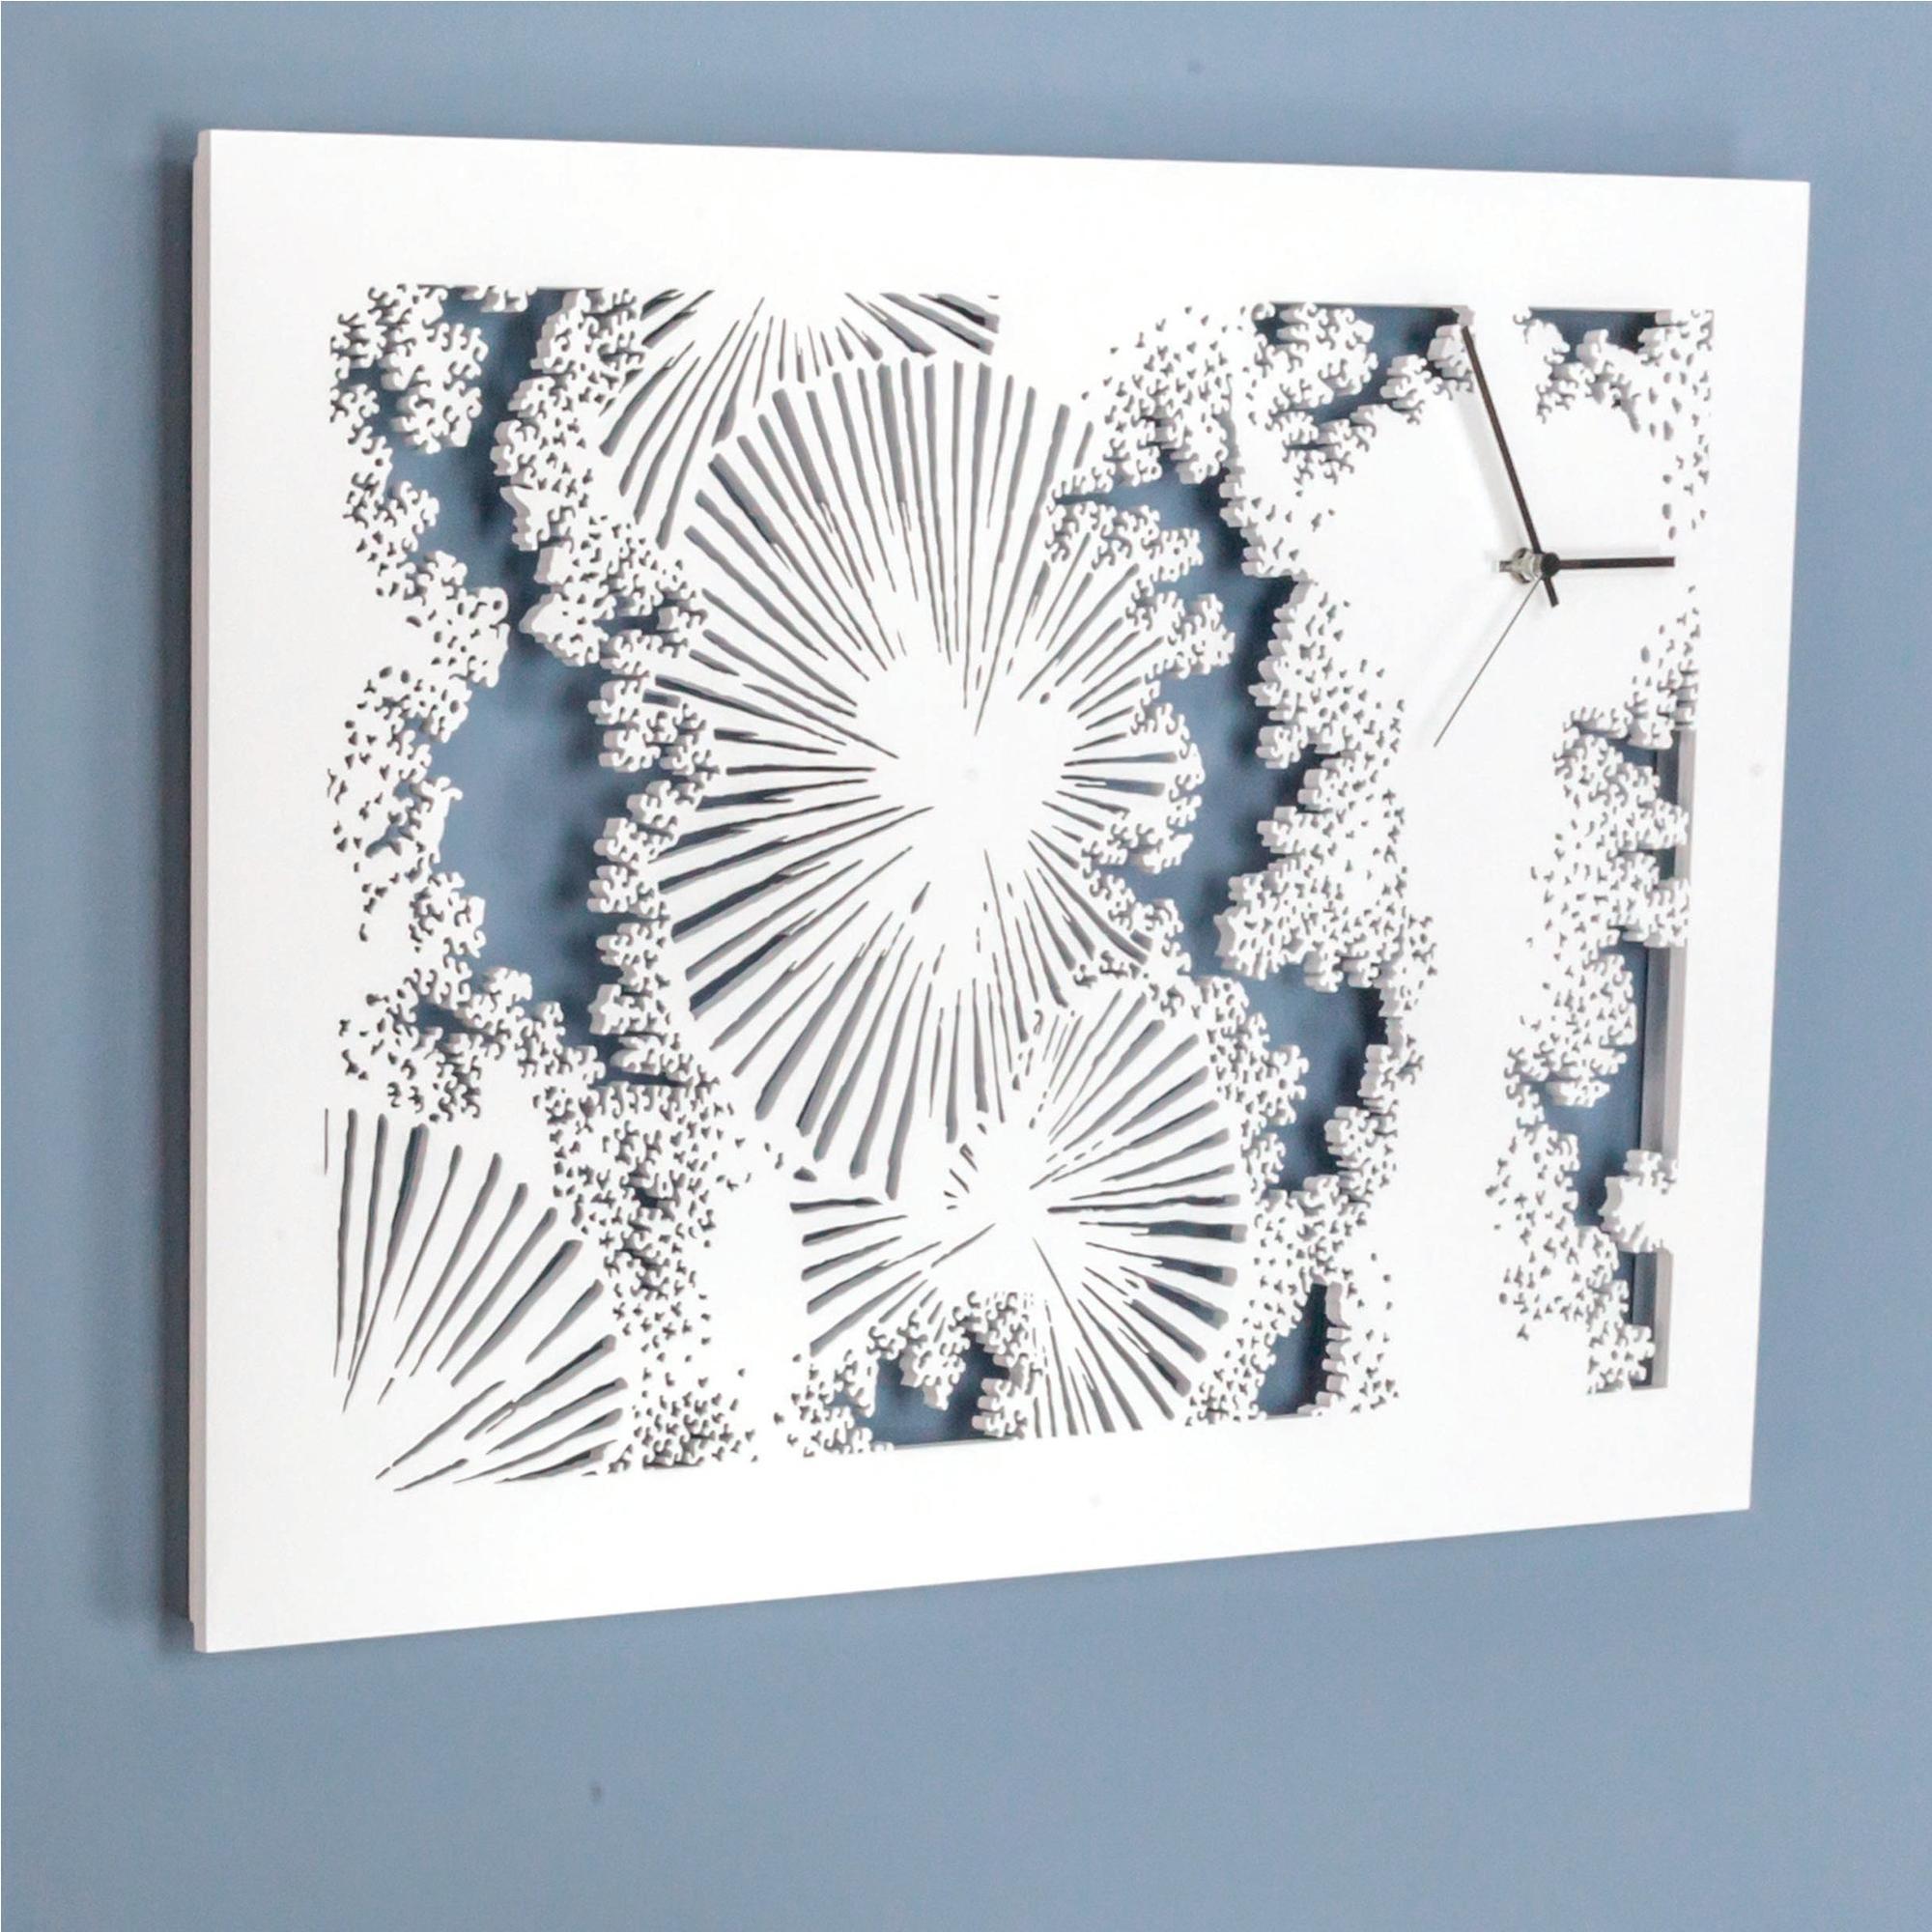 Orologio da parete Giappone in legno tagliato al laser 60x2,5xh40 cm legno chiaro laccato bianco